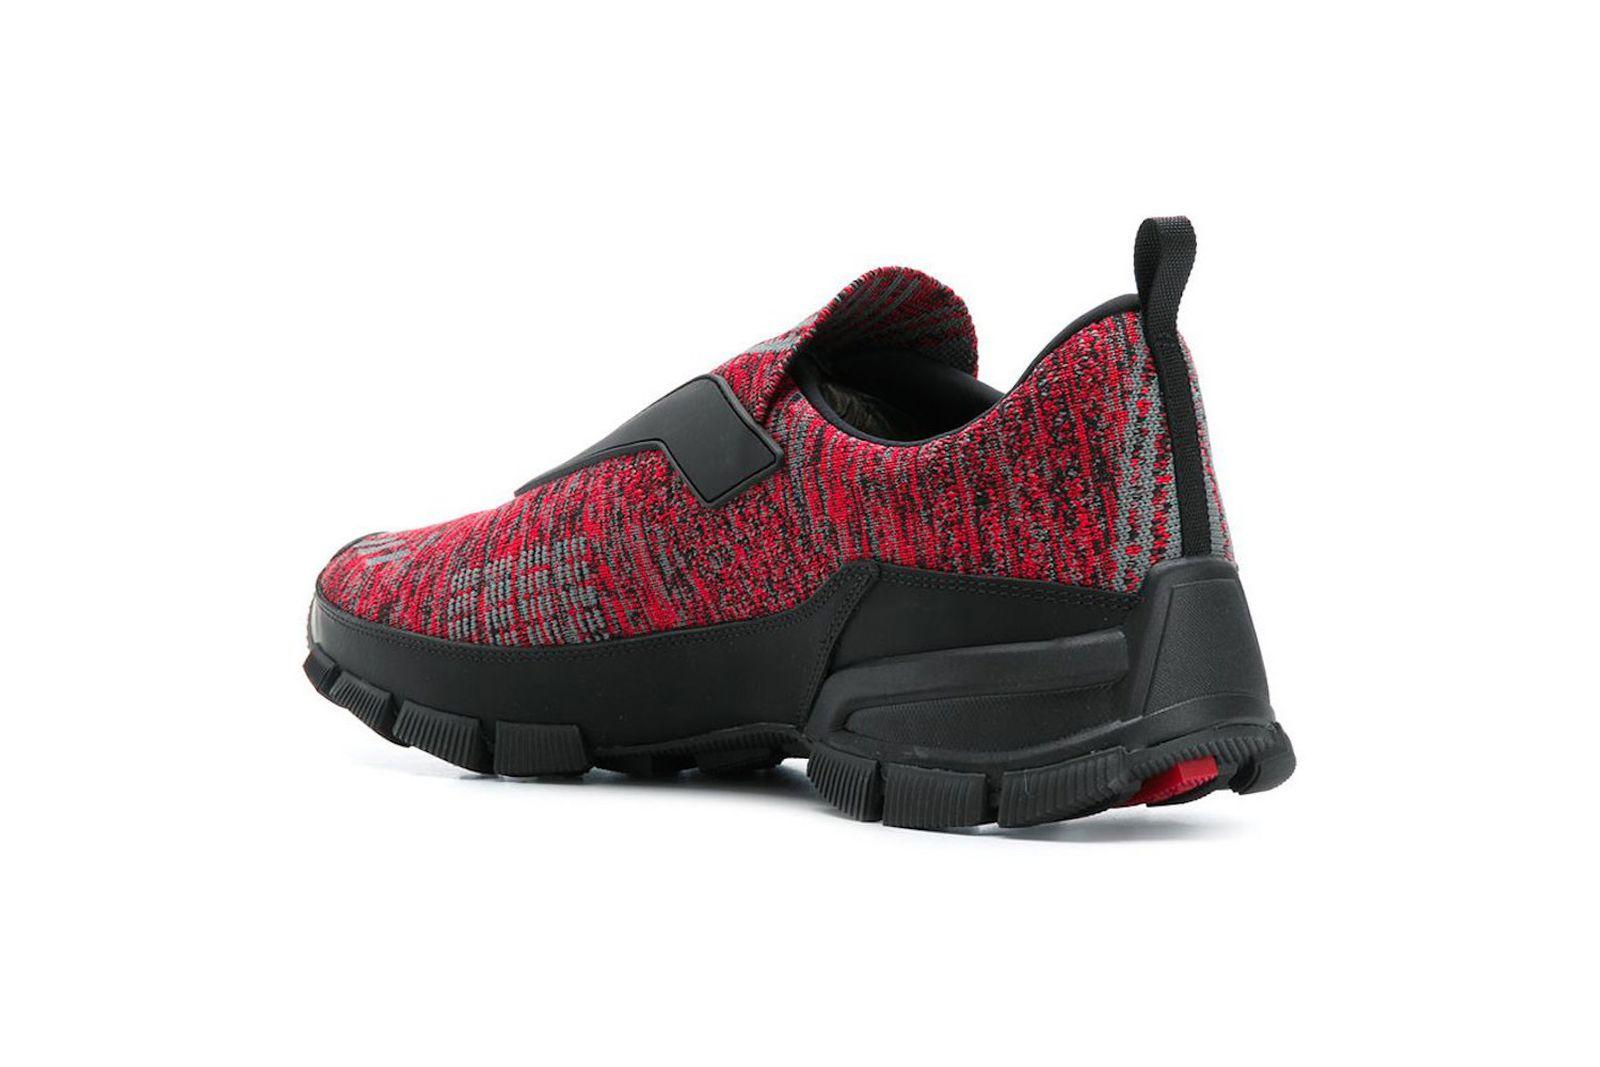 prada cross action slip on sneaker release date price info Prada Cross Action Slip-On